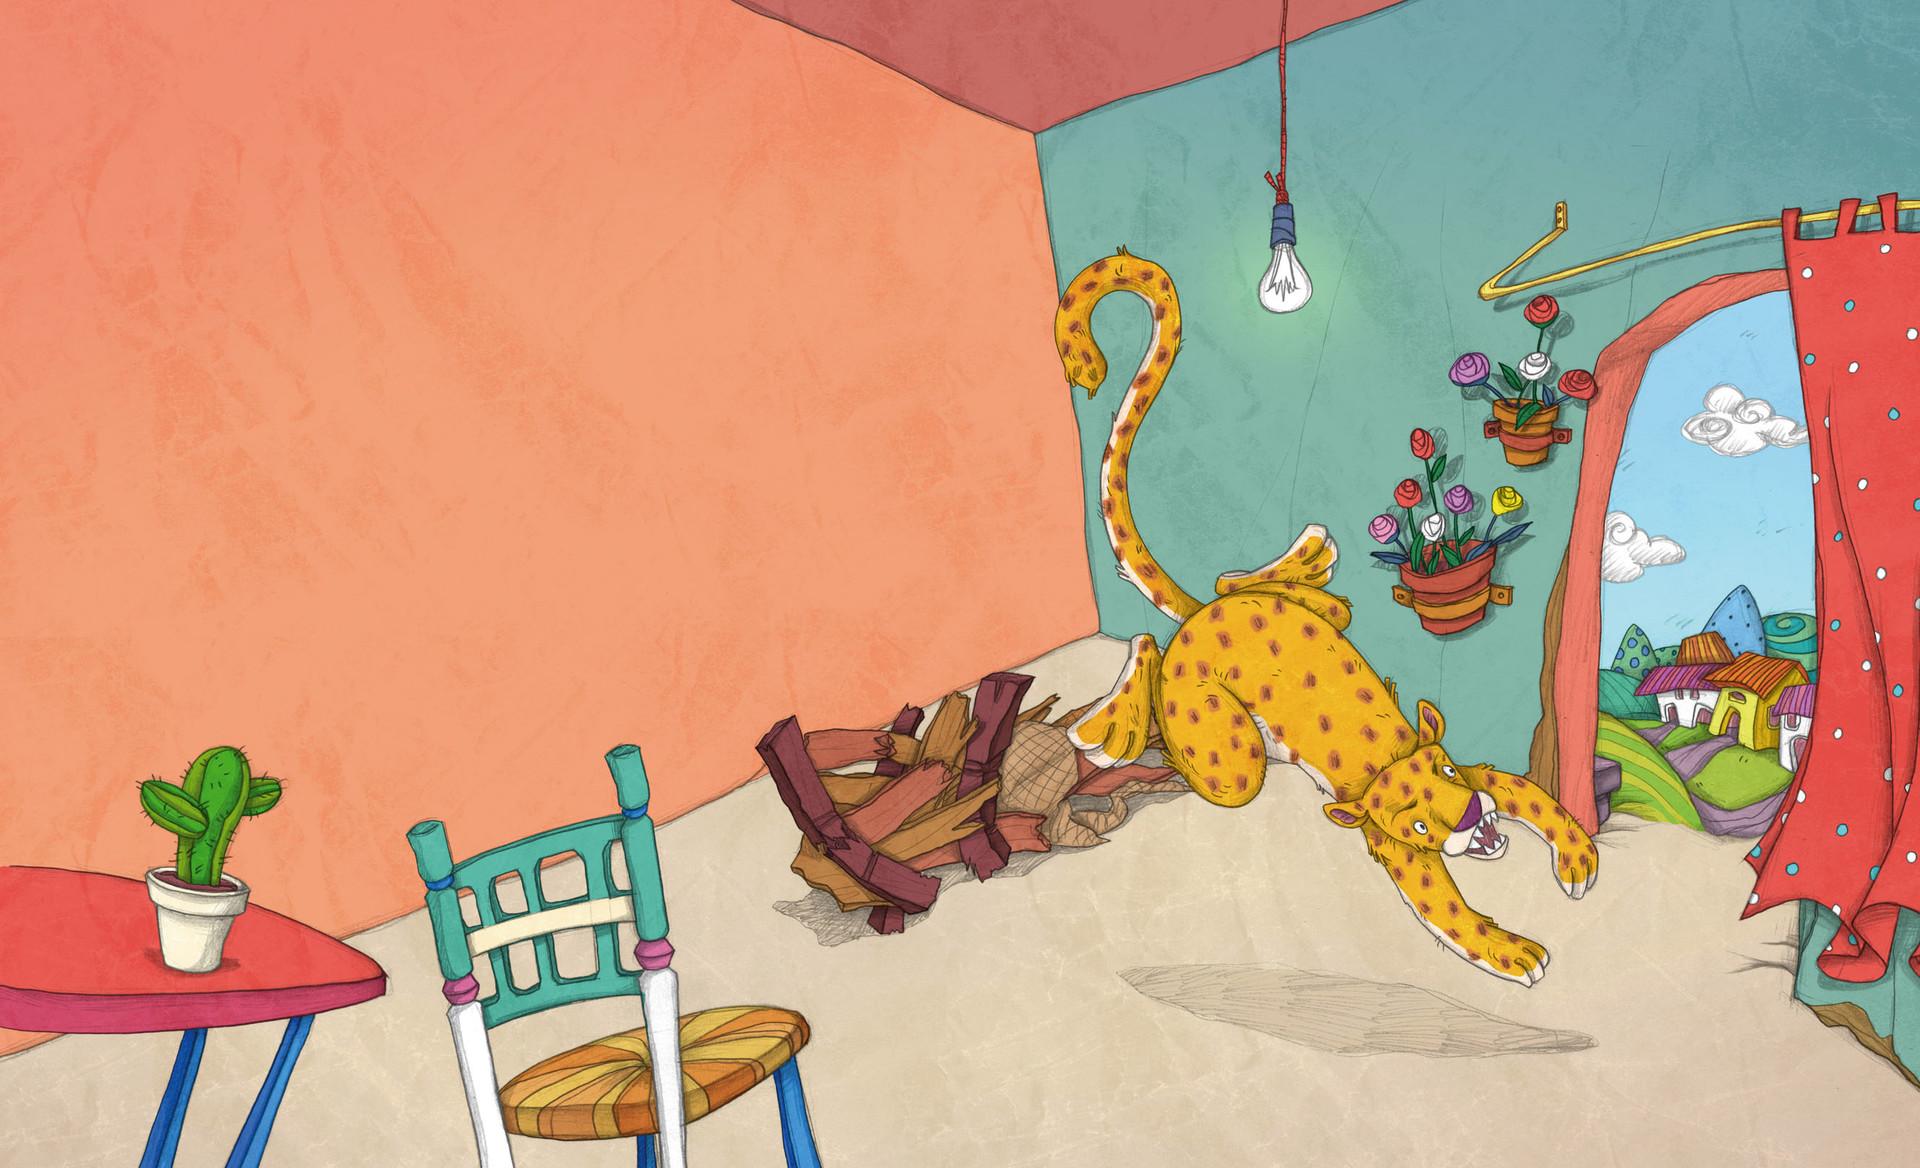 Autogiro illustration studio 8 9